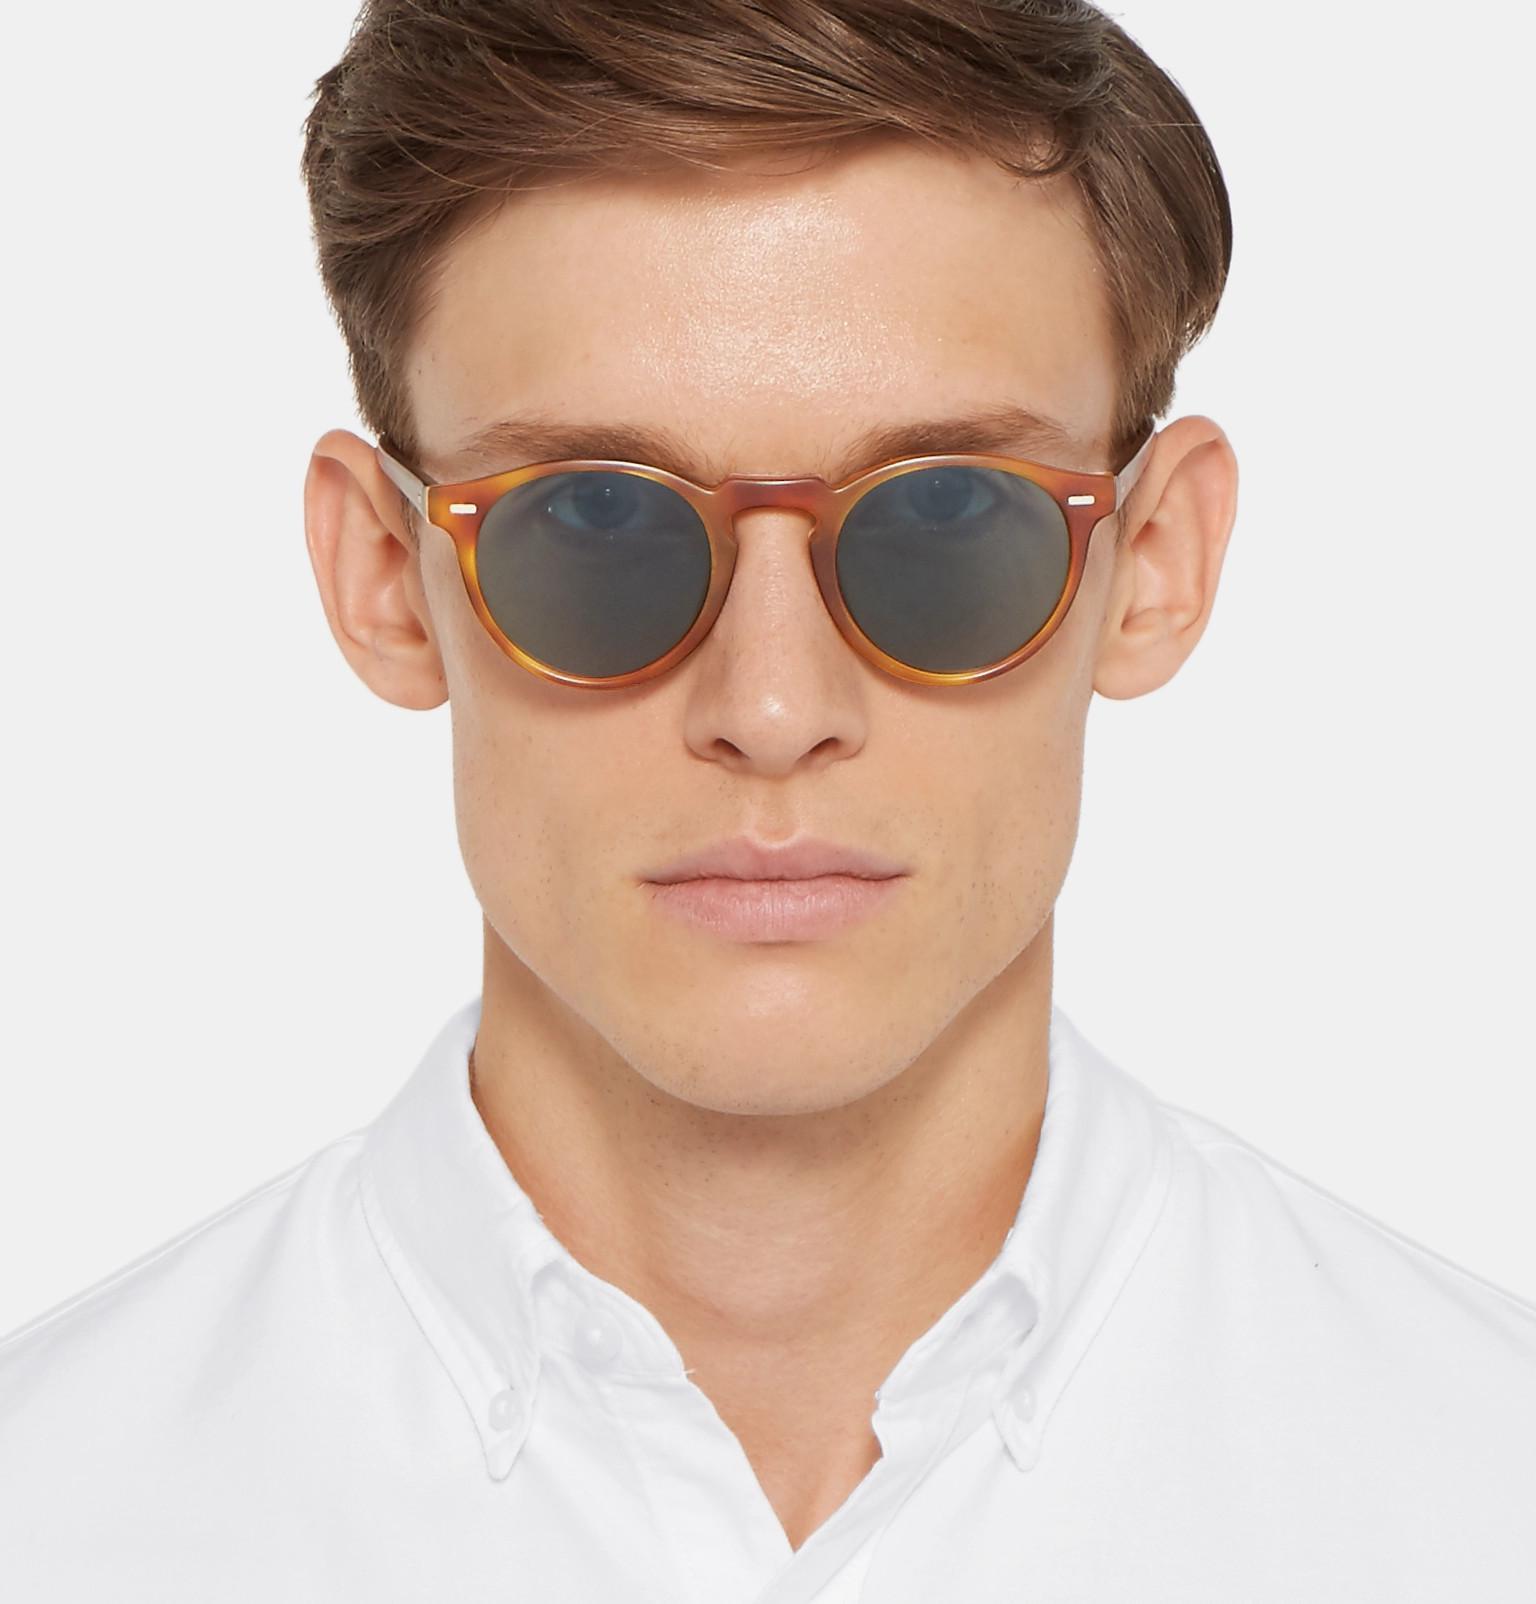 27b0b6e169 Oliver Peoples - Brown Gregory Peck Round-frame Tortoiseshell Acetate  Photochromic Sunglasses for Men -. View fullscreen